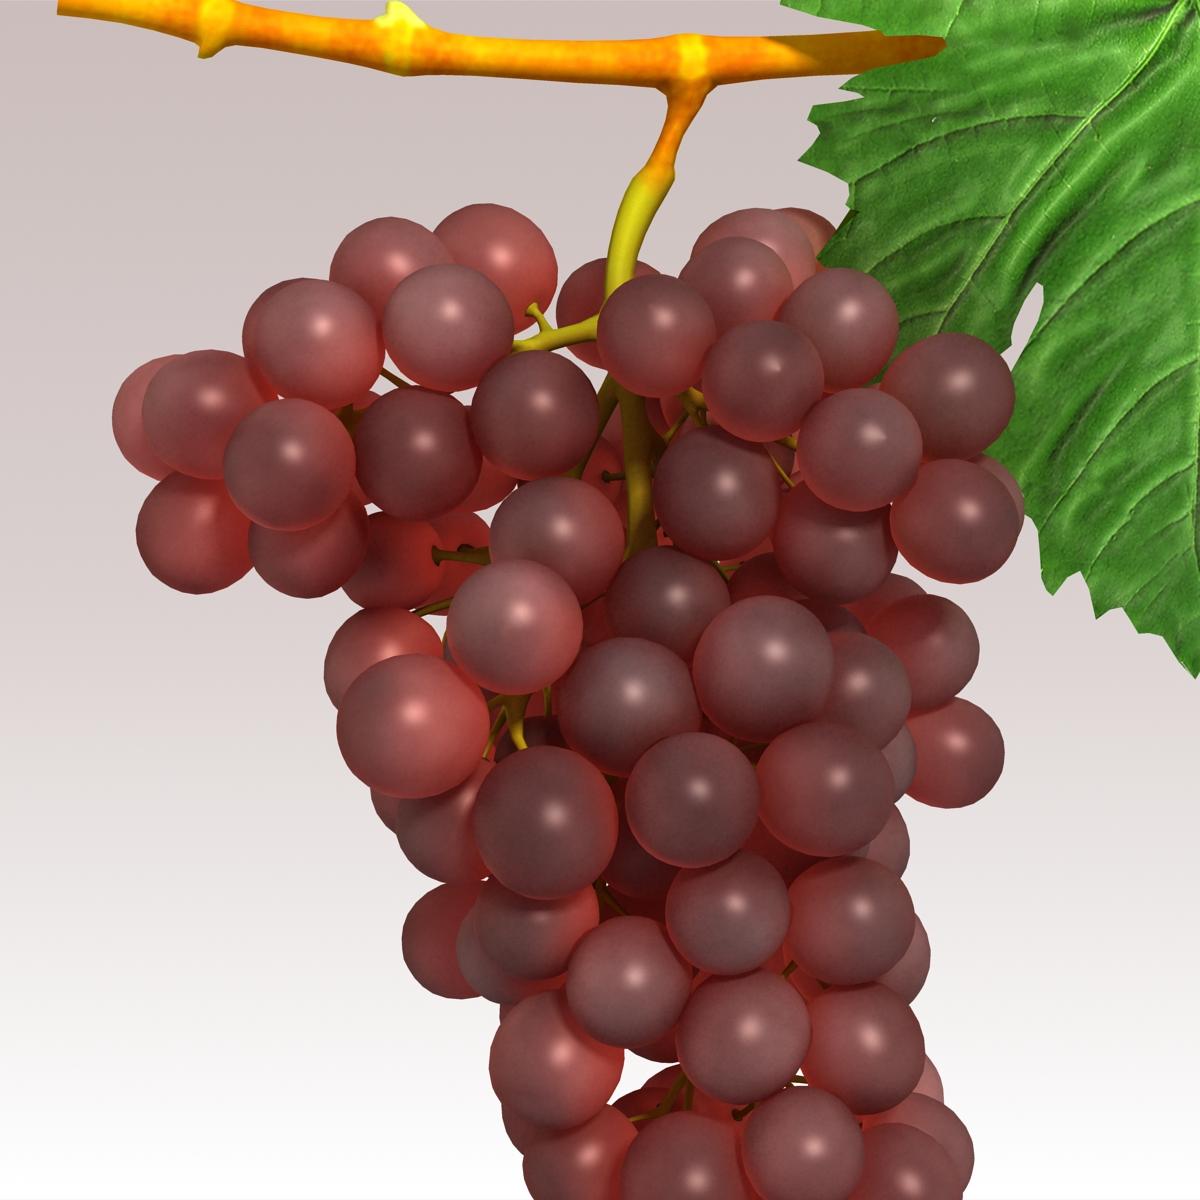 grapes red 3d model 3ds max fbx c4d lwo obj 204260